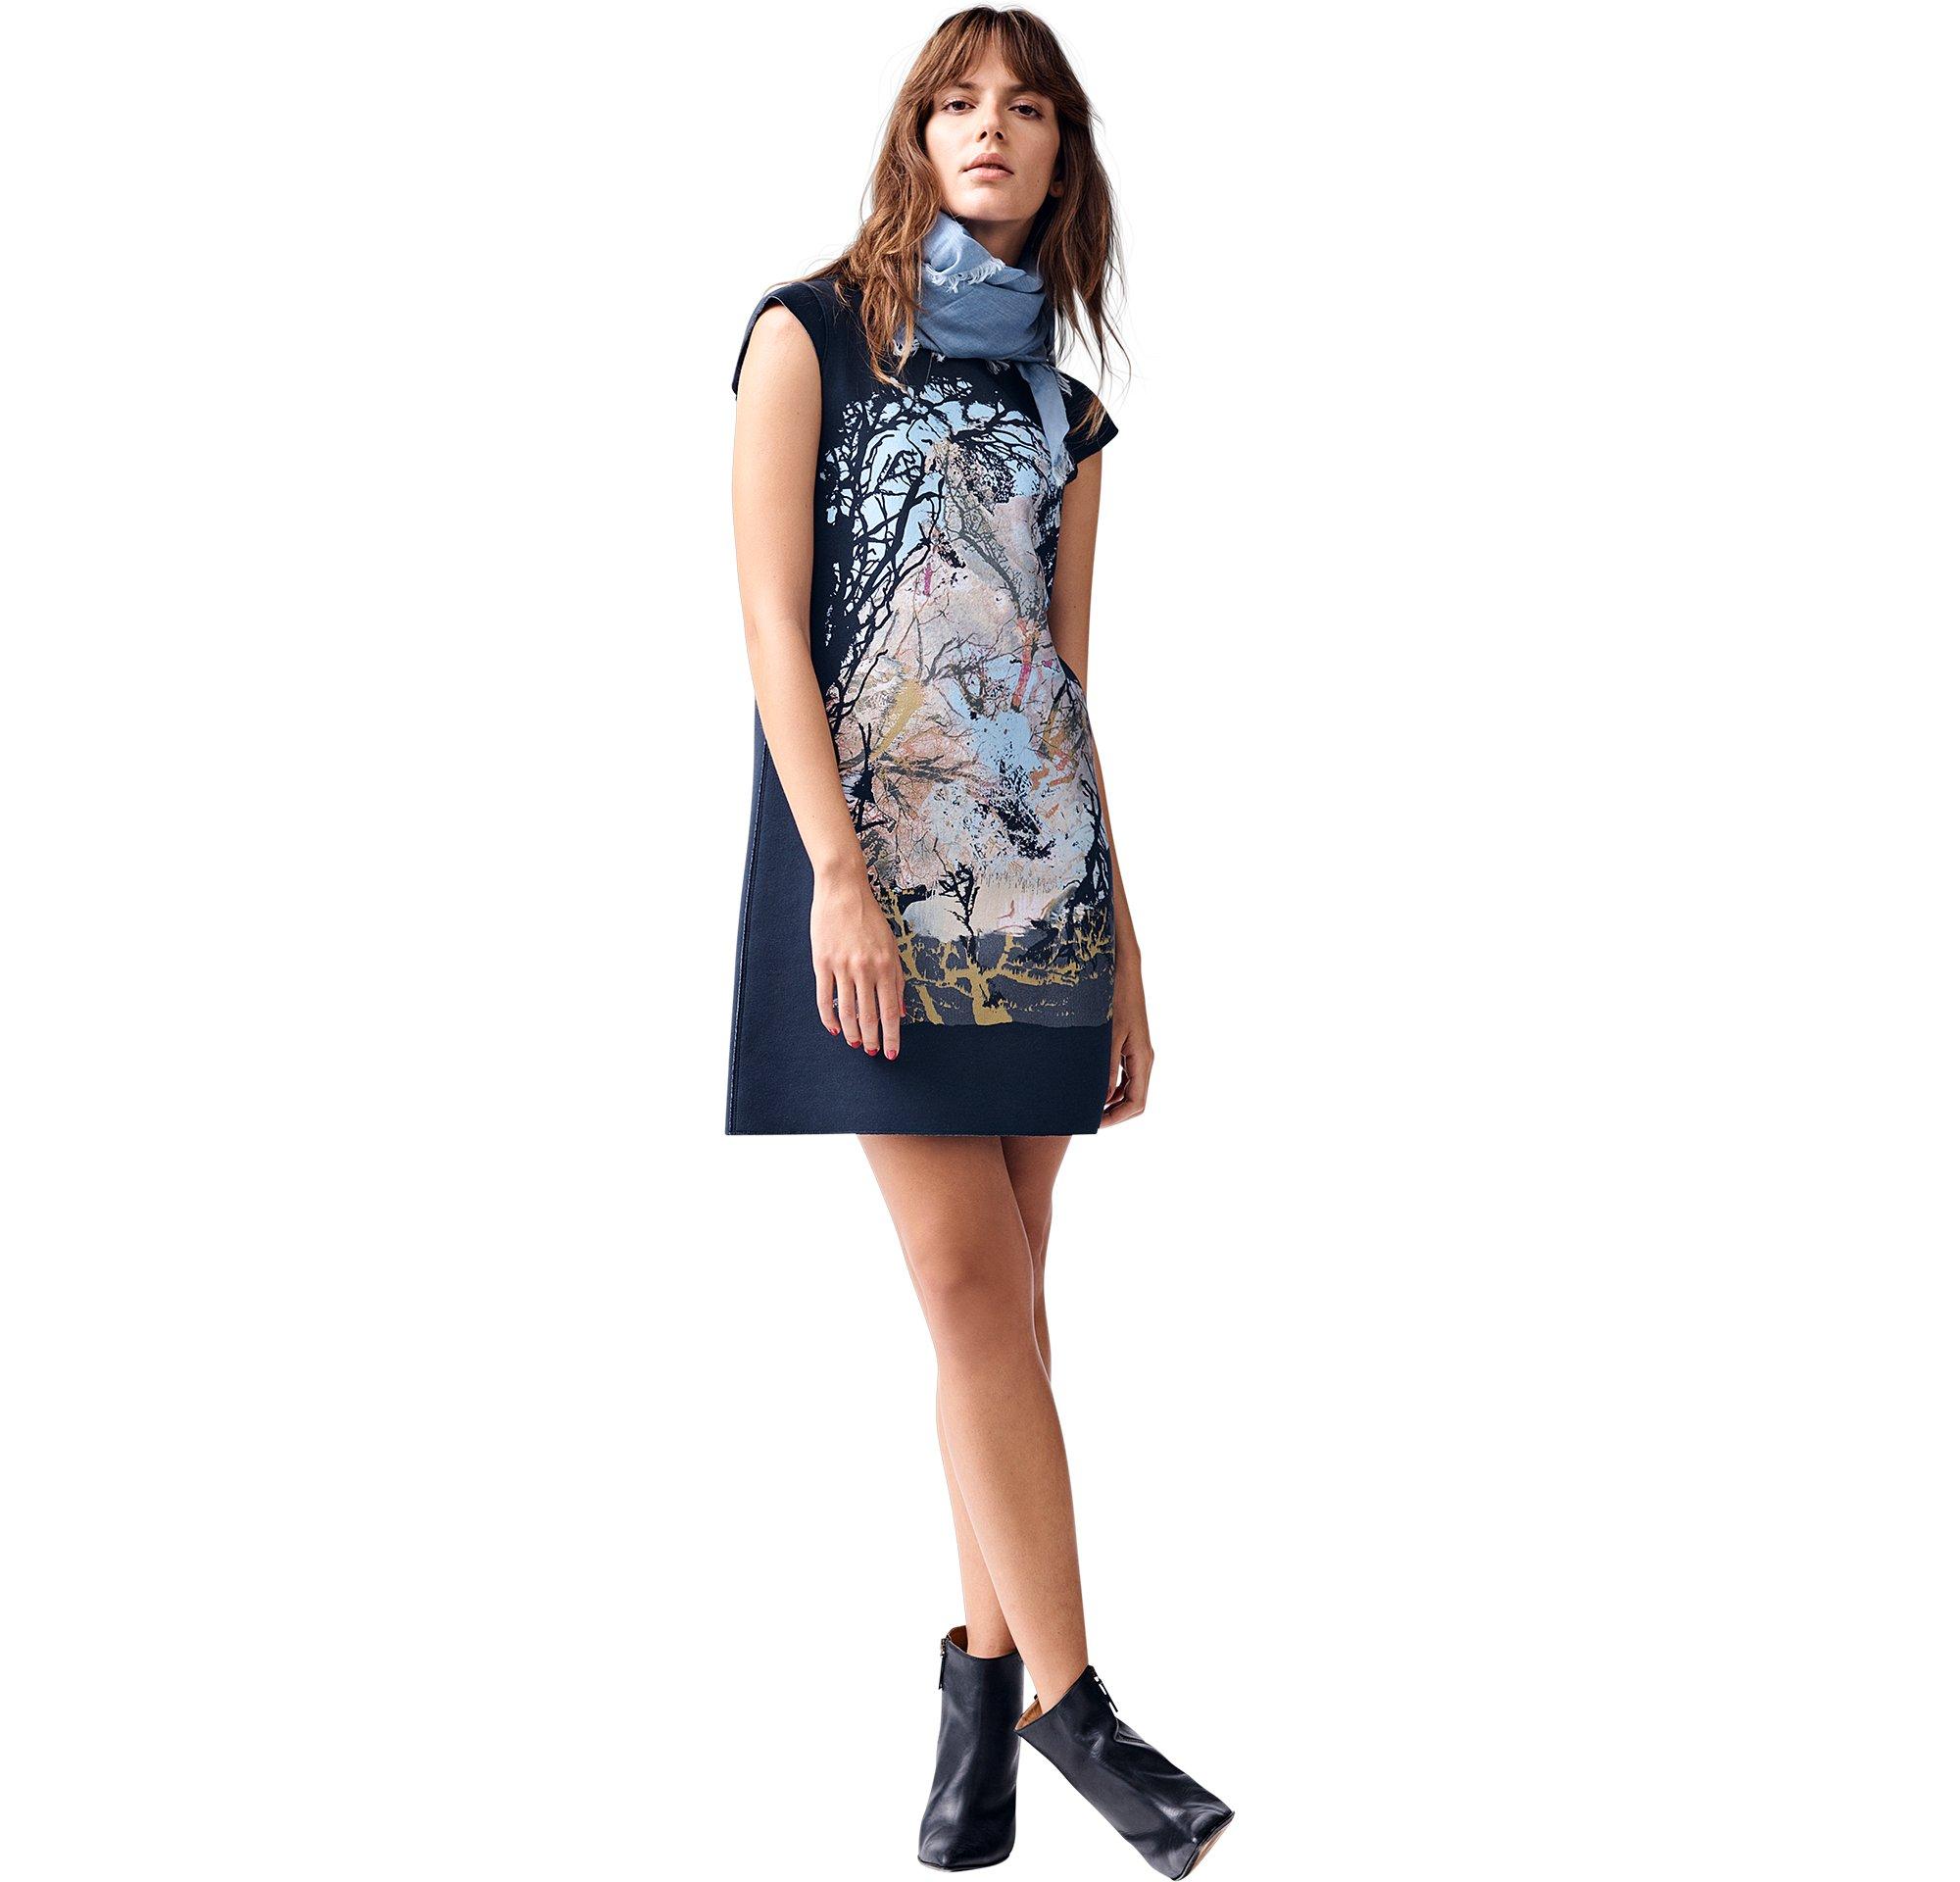 BOSS_ORANGE_Women_PF17_Look_9